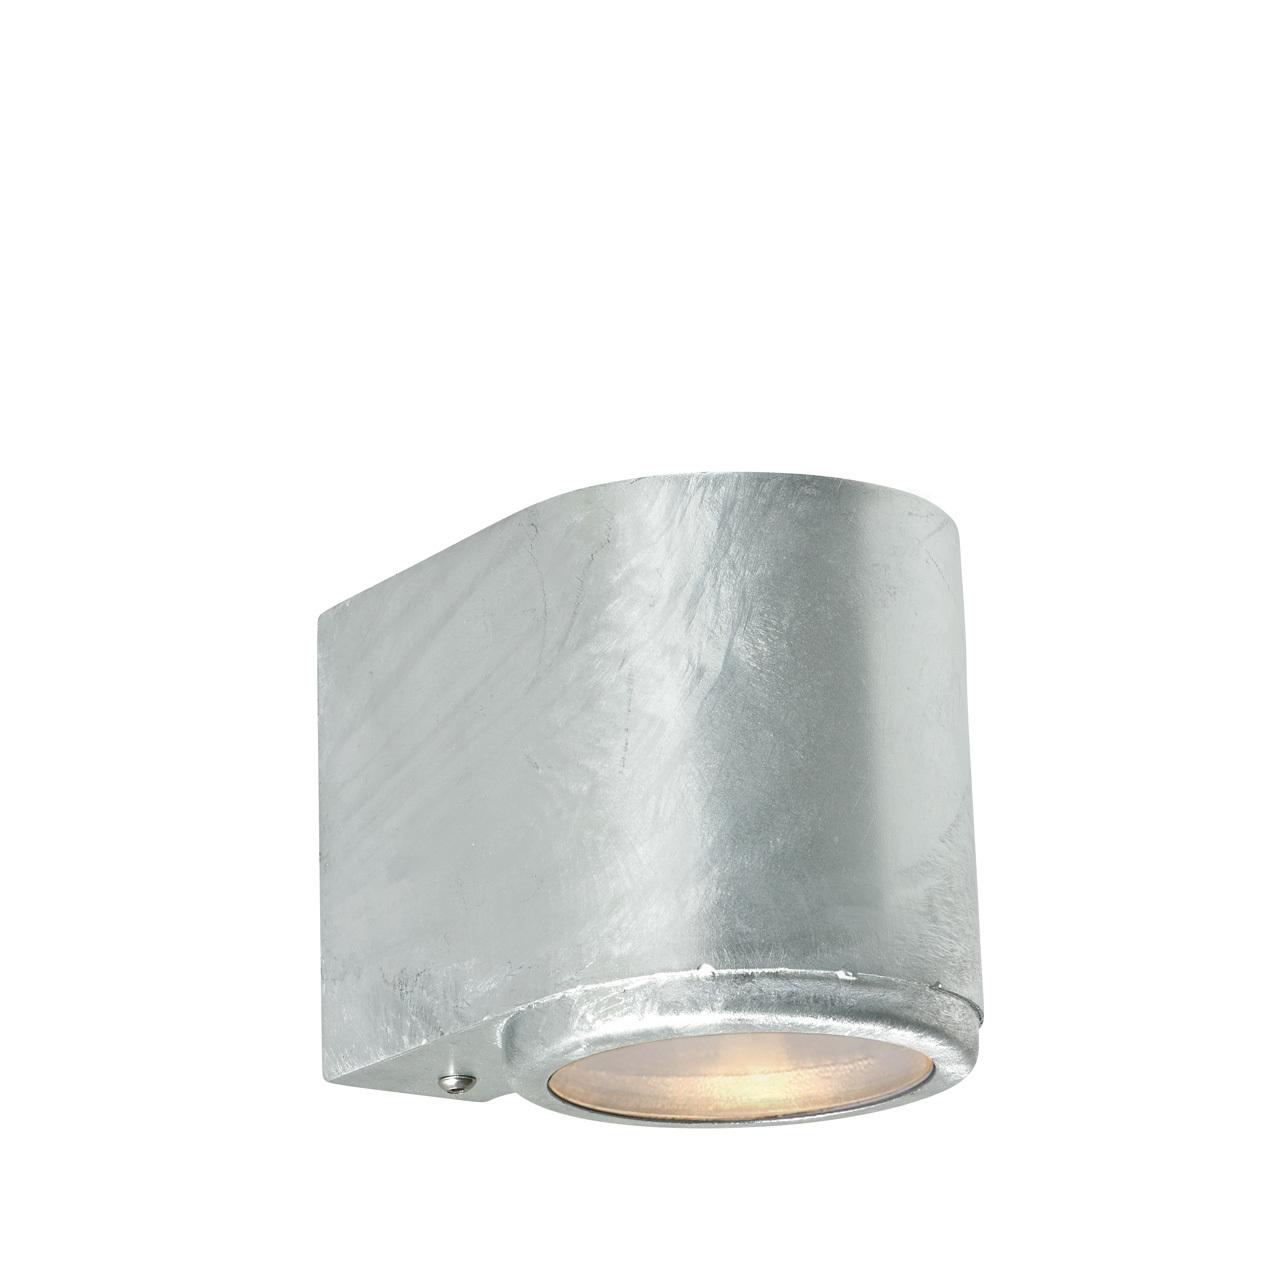 Lampa ścienna MANDAL LED 1373GA -Norlys  SPRAWDŹ RABATY  5-10-15-20 % w koszyku